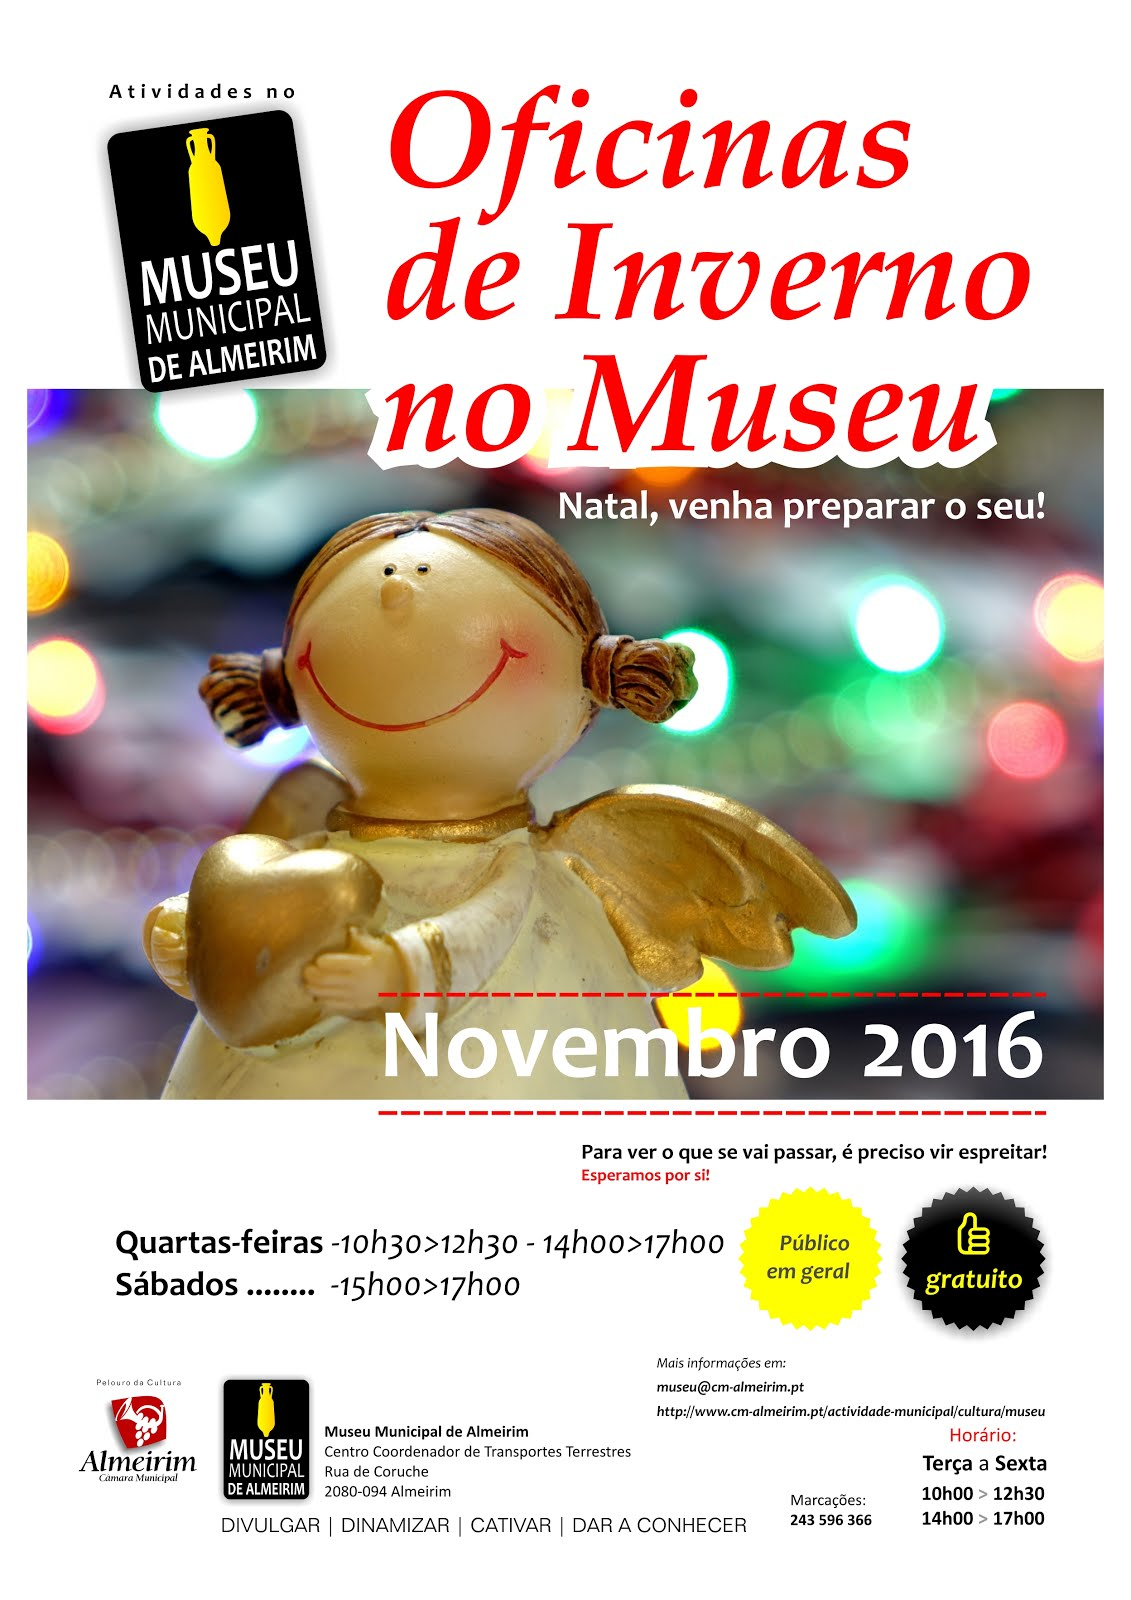 Novembro no Museu: comece a preparar o seu Natal